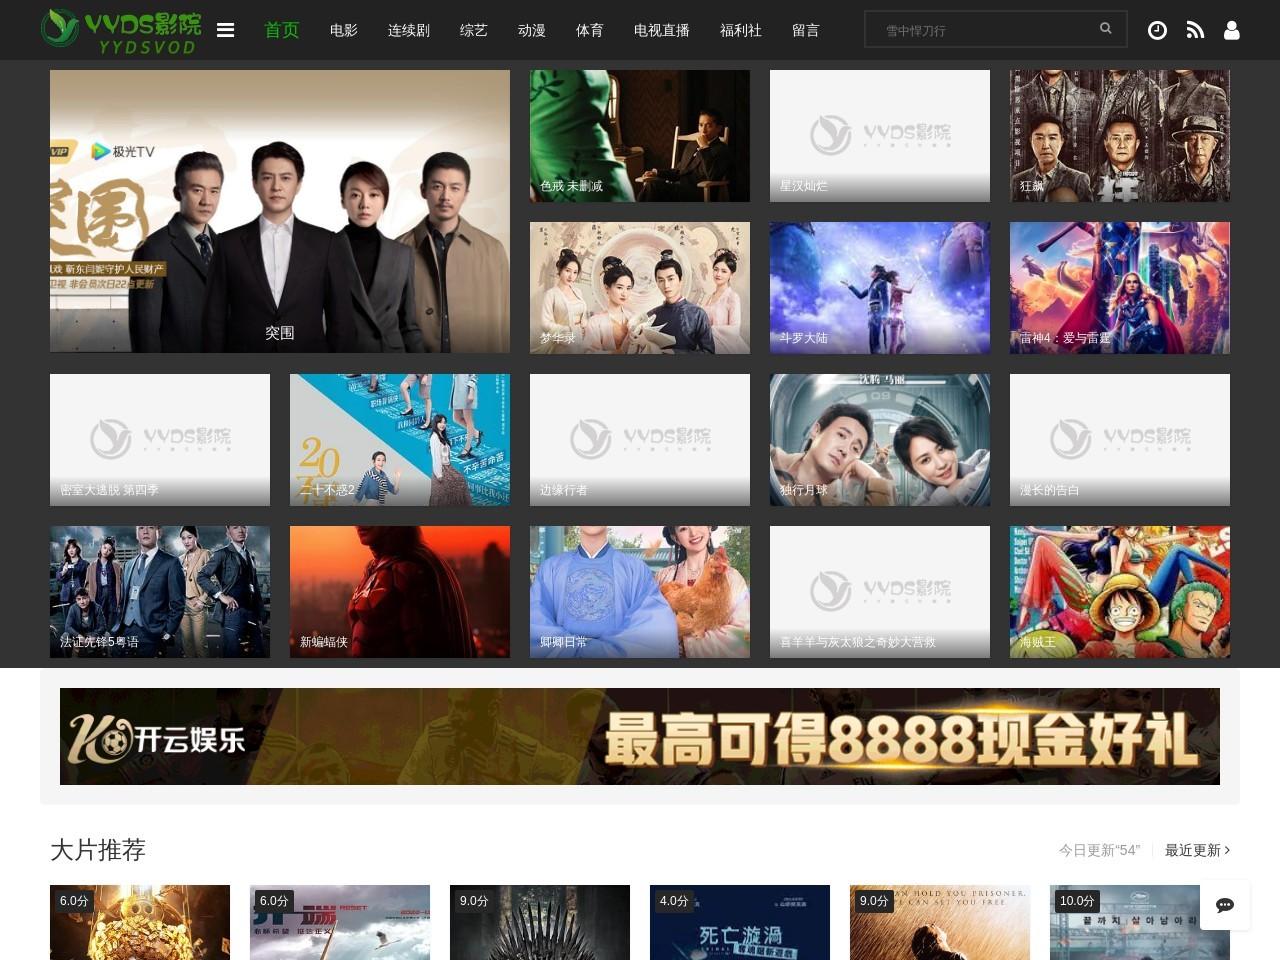 YYDS影院_海外领先的中文视频平台